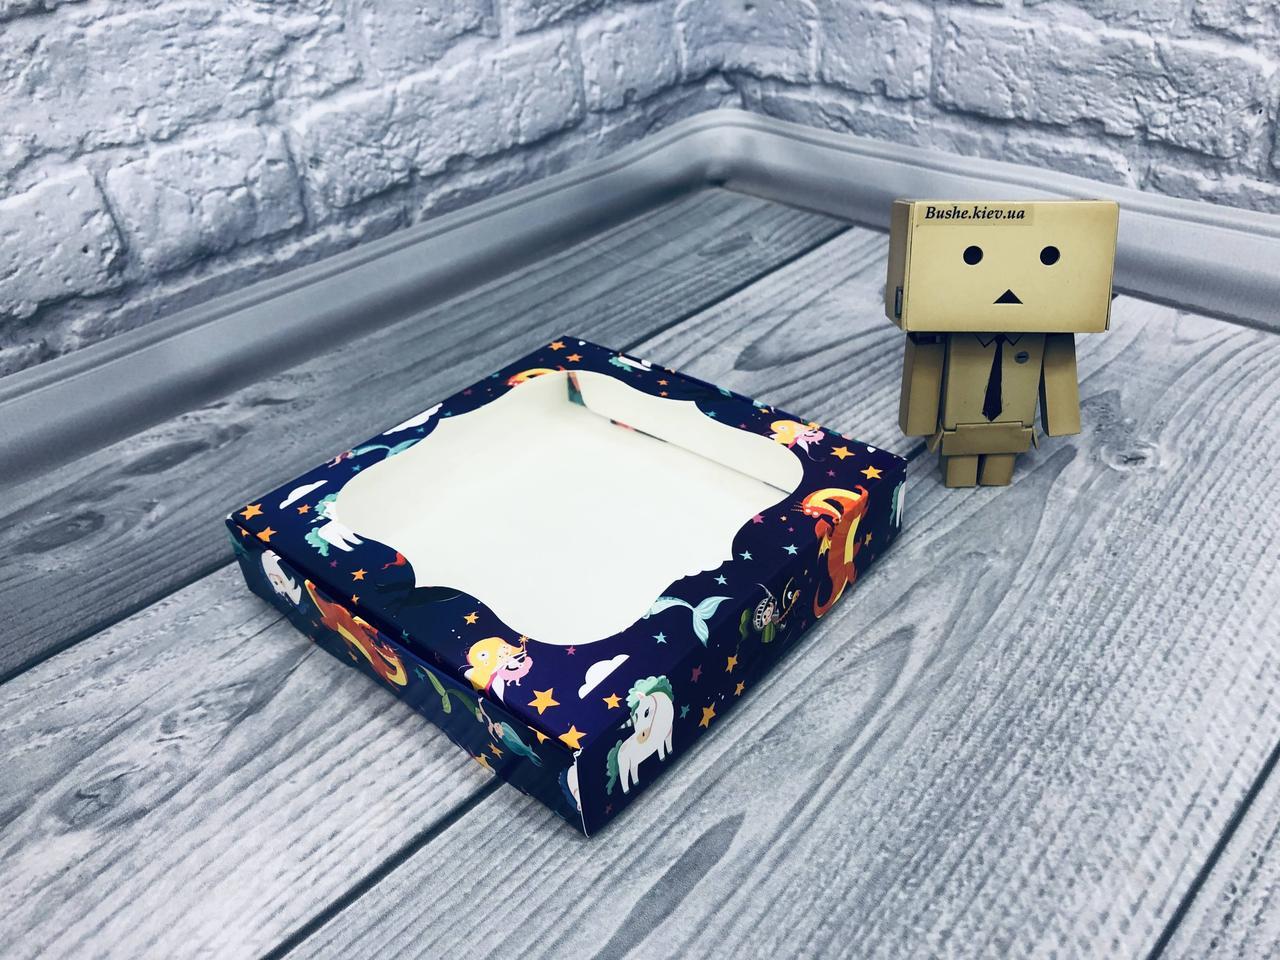 *10 шт* / Коробка для пряников / 150х150х30 мм / печать-Фиолет.Сказка / окно-обычн / лк